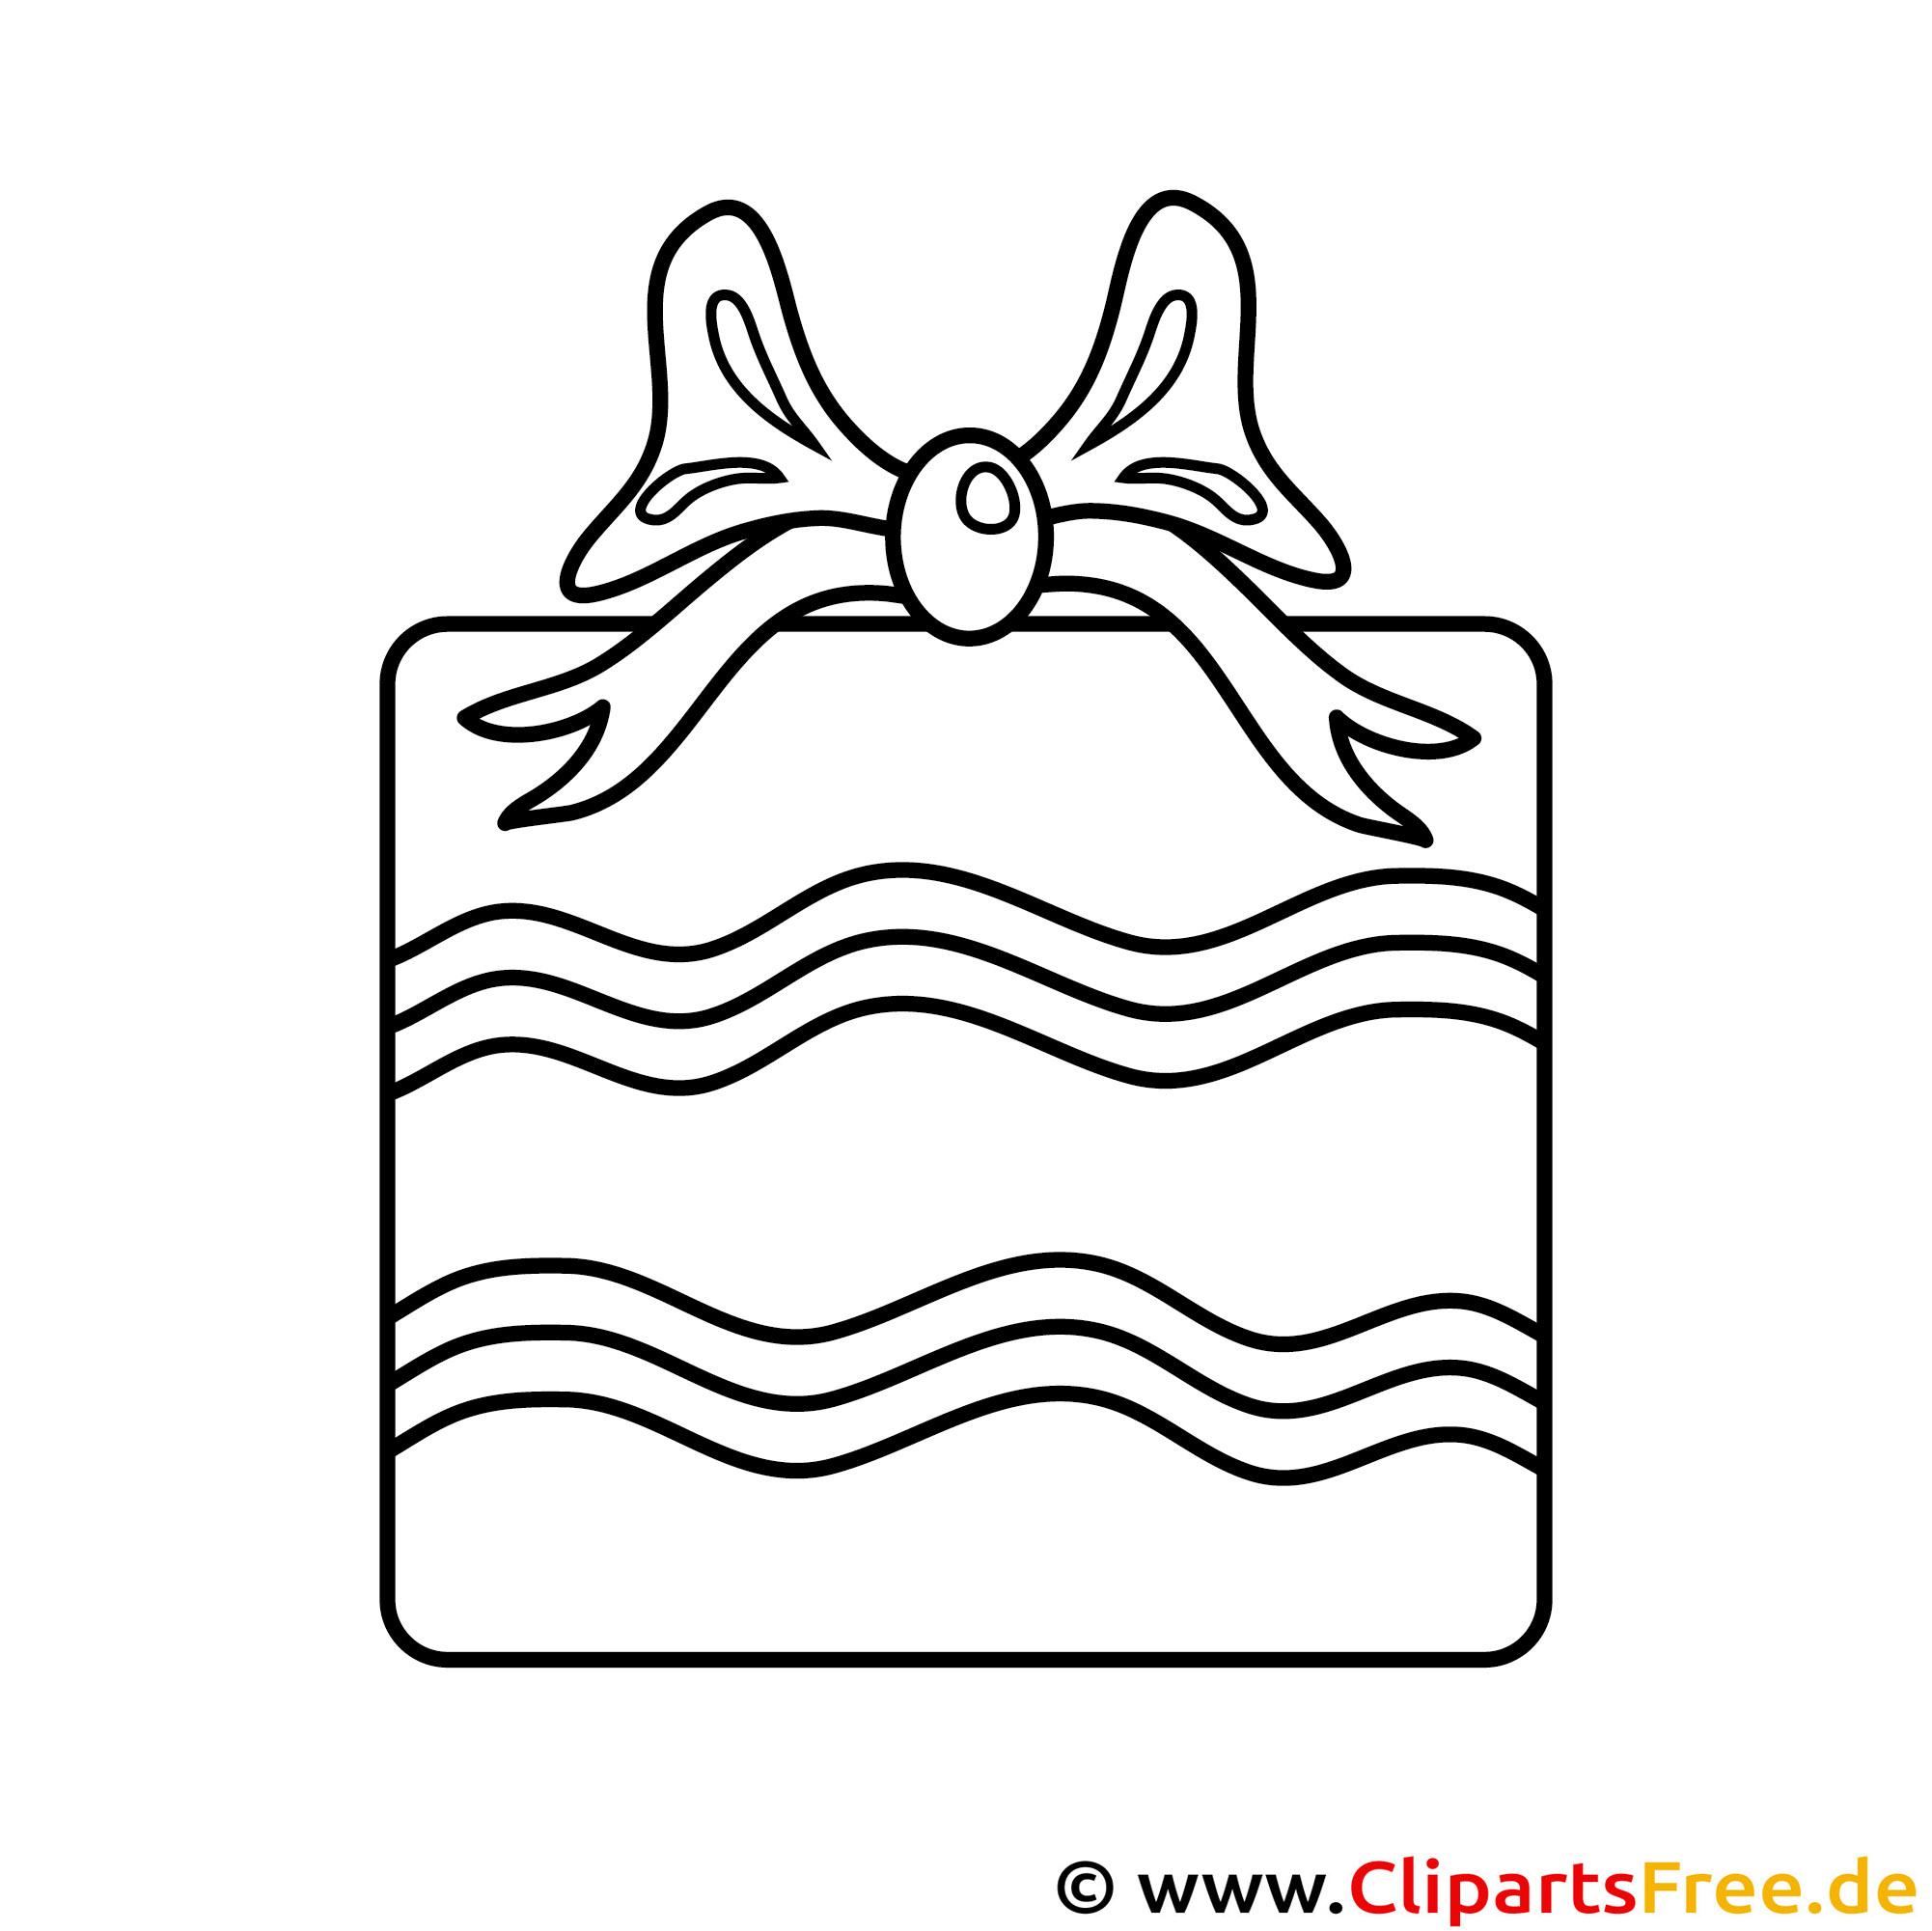 Geschenk zum Geburtstag Ausmalbild